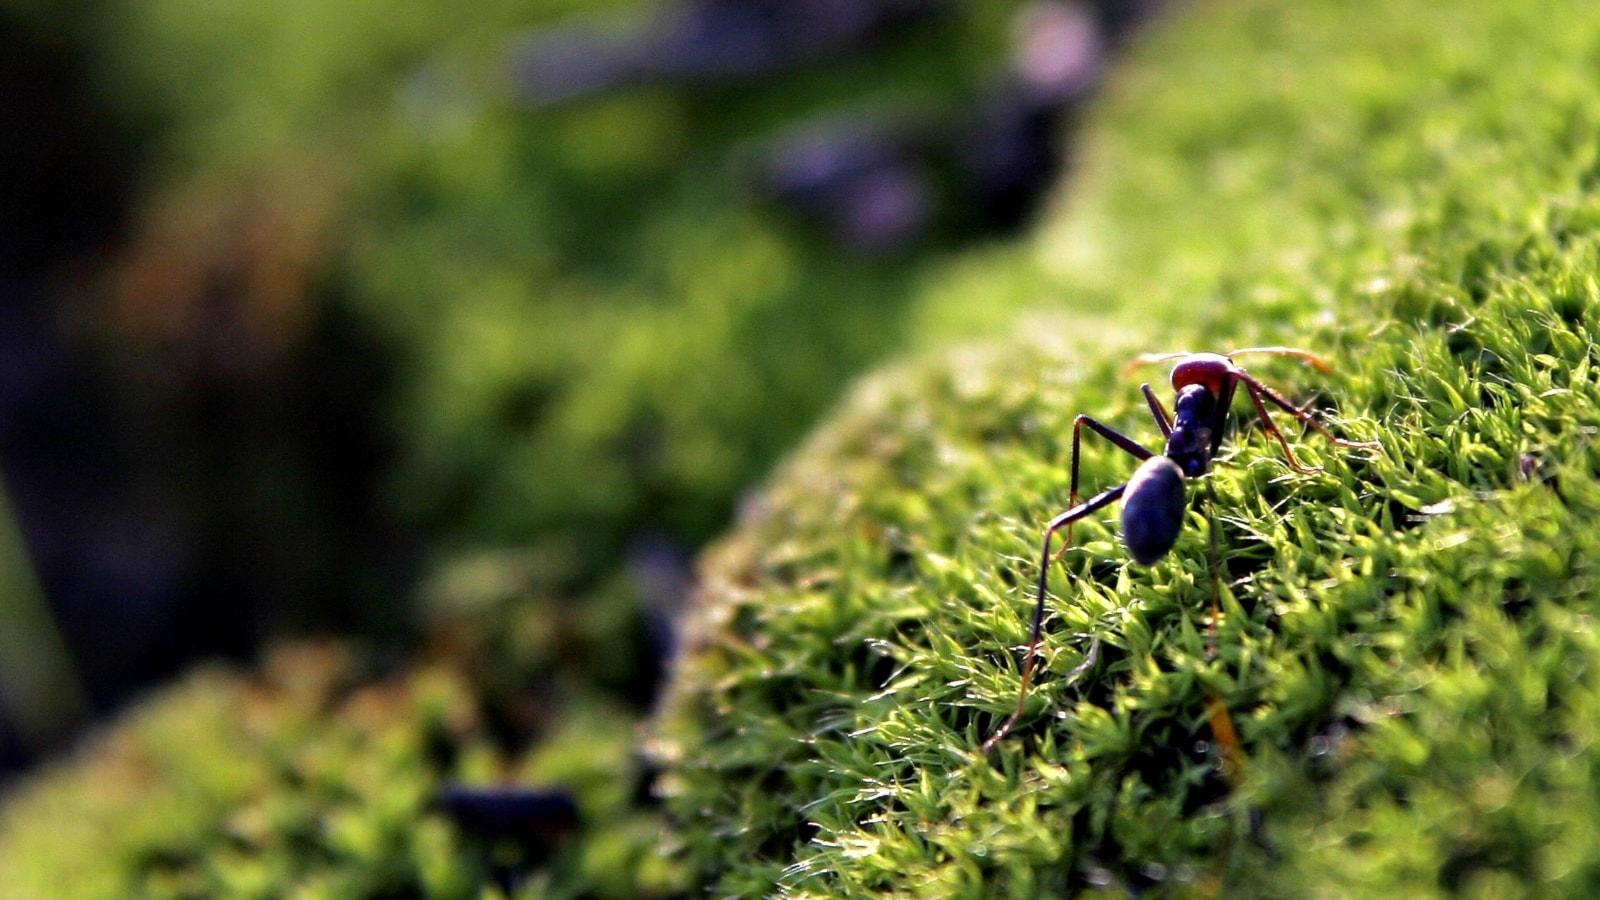 Myllrande myror, gigantiska gåsgamar och nytt om nyckelbiotoperna